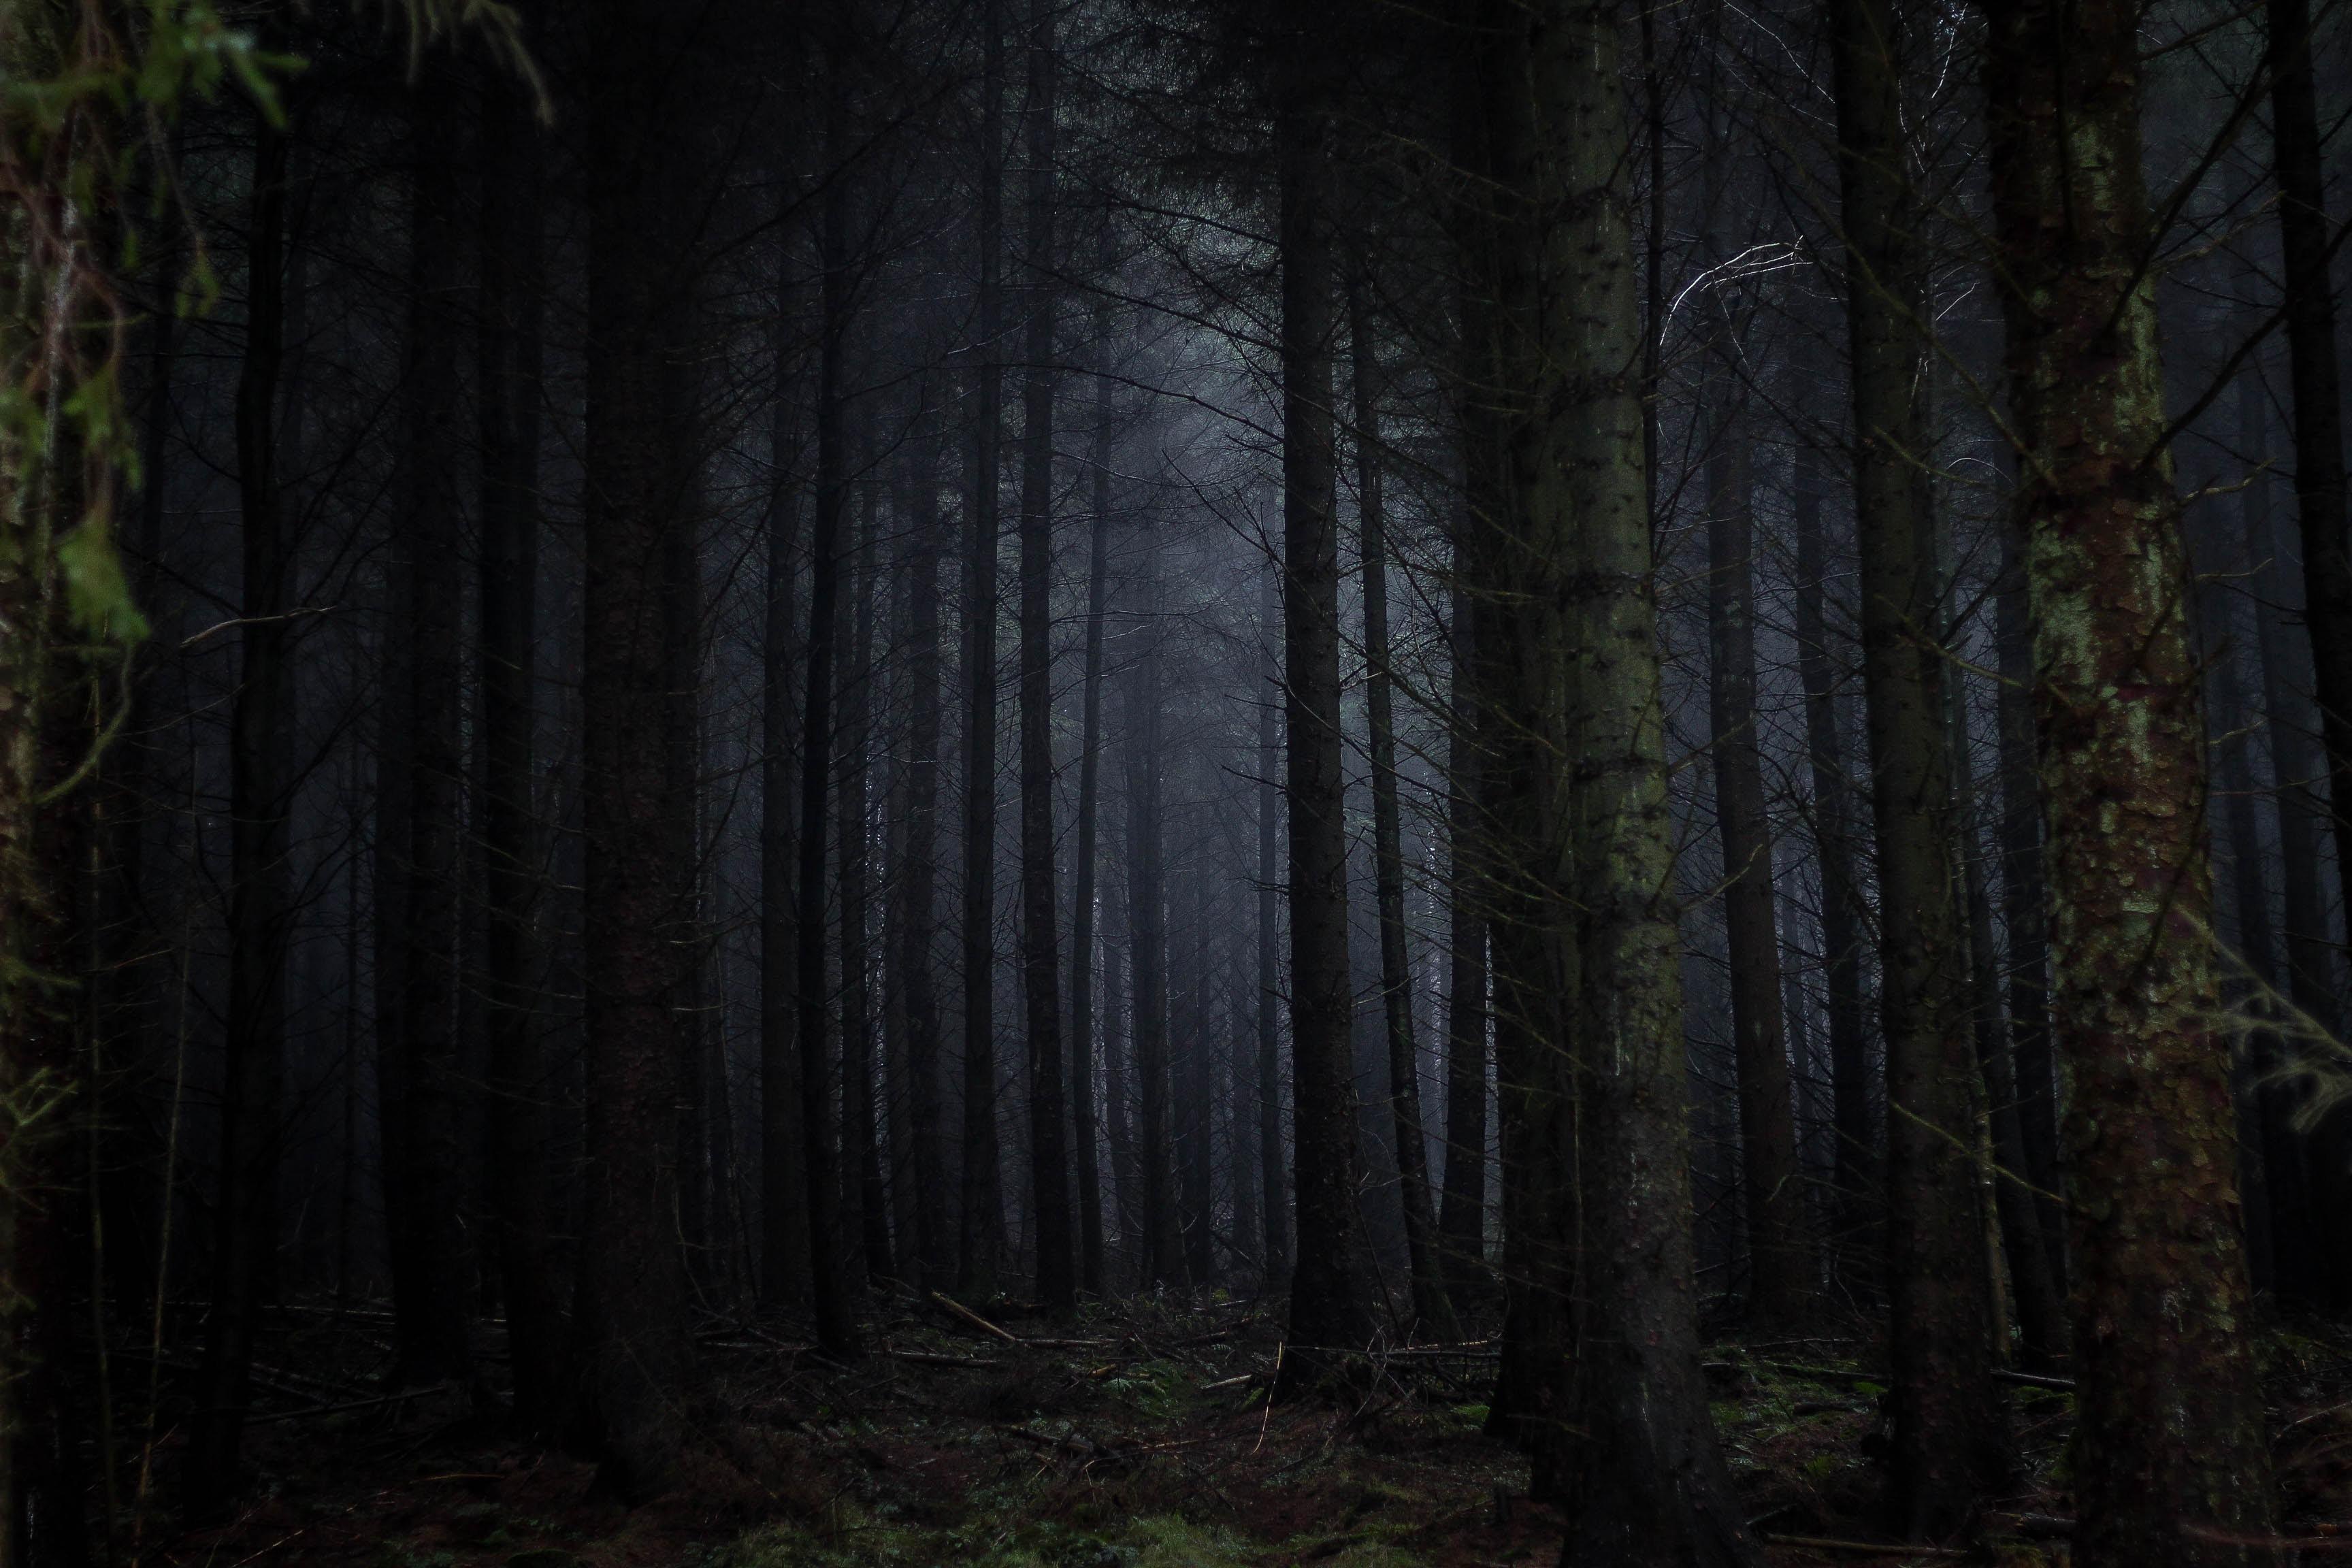 جنگل جیغ درینگ وودز در انگلستان، جاذبه ای ترسناک اما زیبا